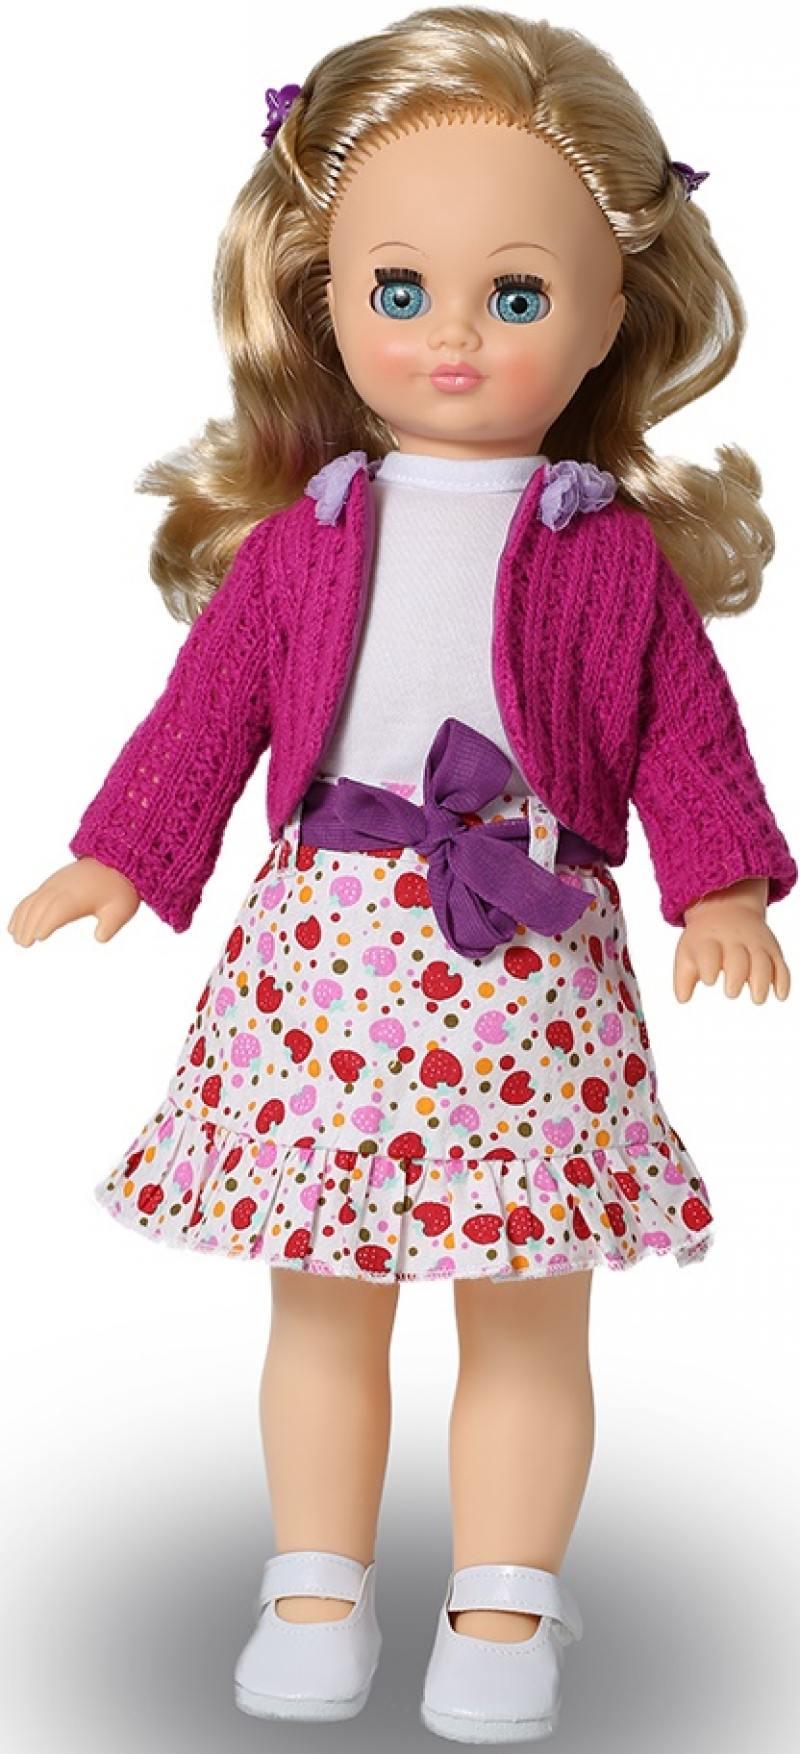 Кукла ВЕСНА Лиза 11 (озвученная) кукла весна анна 18 озвученная в2952 о